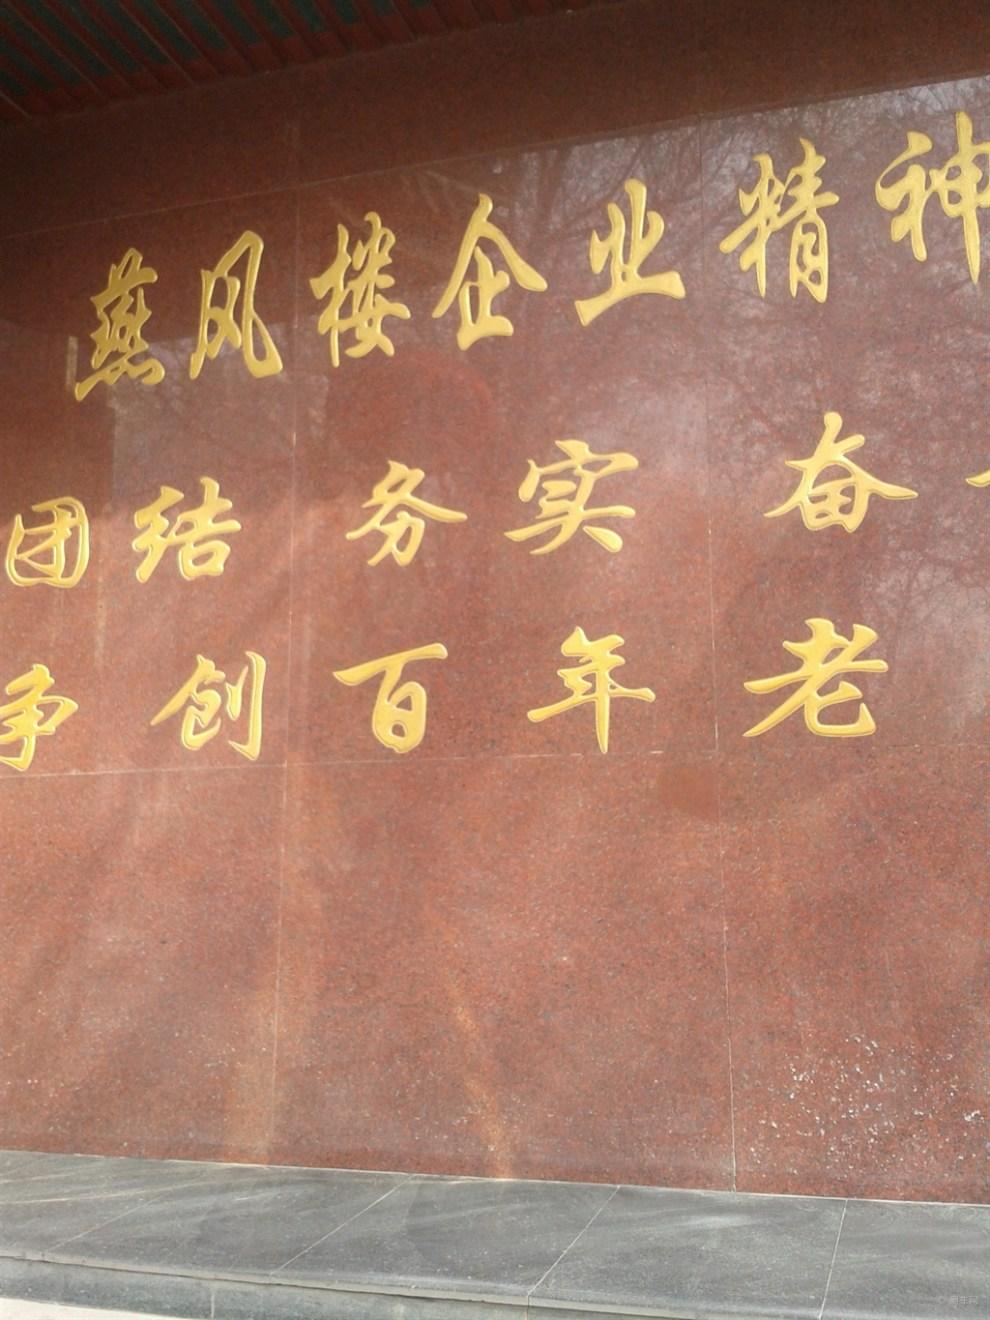 【【广场河北】石家庄燕凤楼】_中国图片美食魅力论坛芜湖市苏宁图片